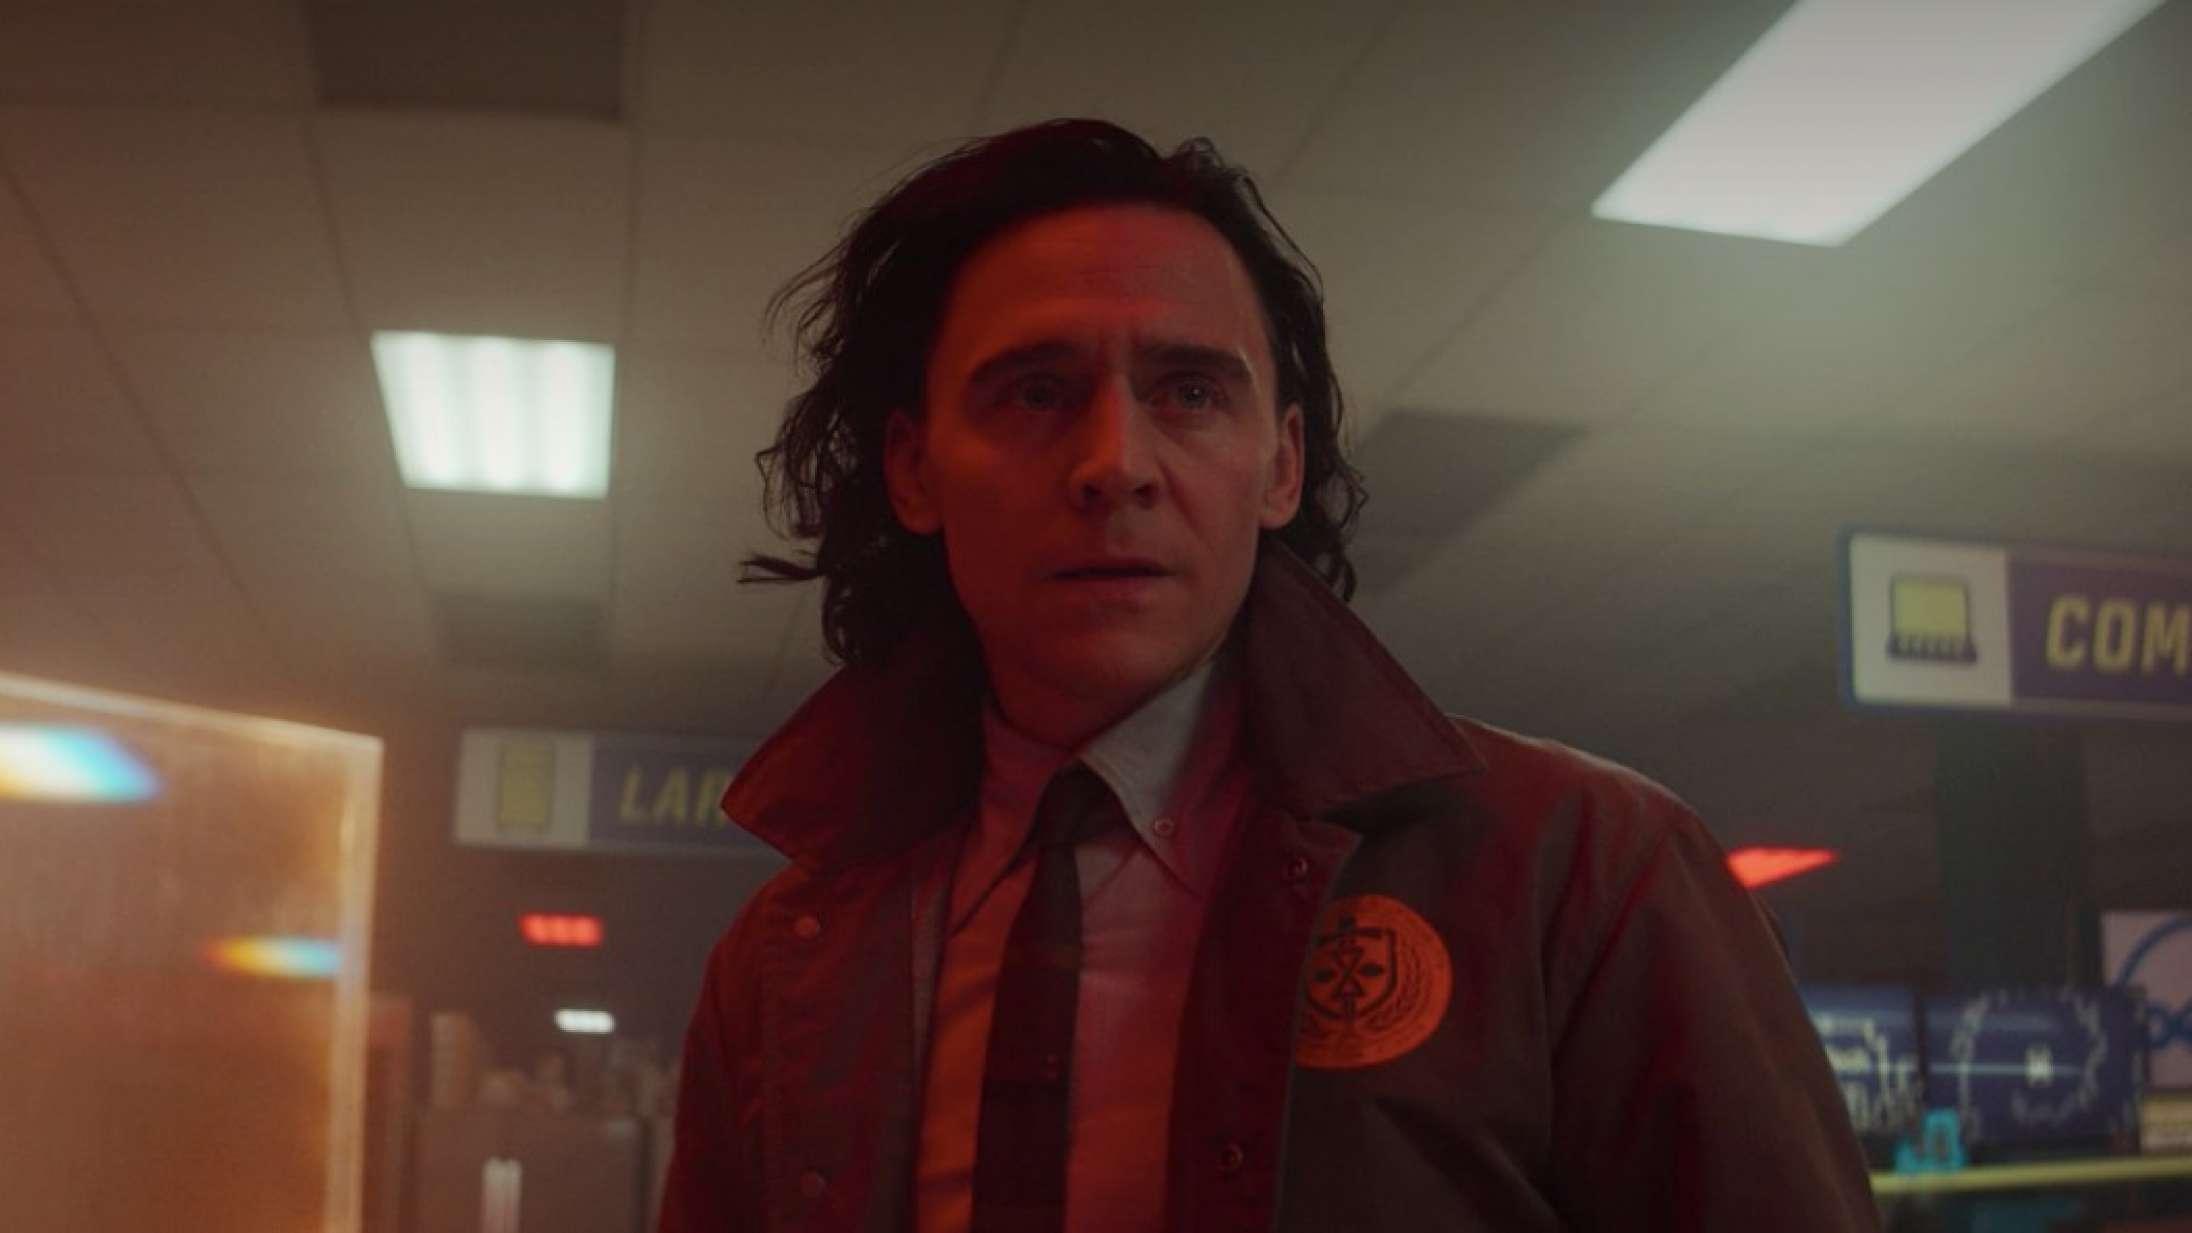 Twistet i 'Loki' afsnit 2 viser fremtiden for Marvels superhelte